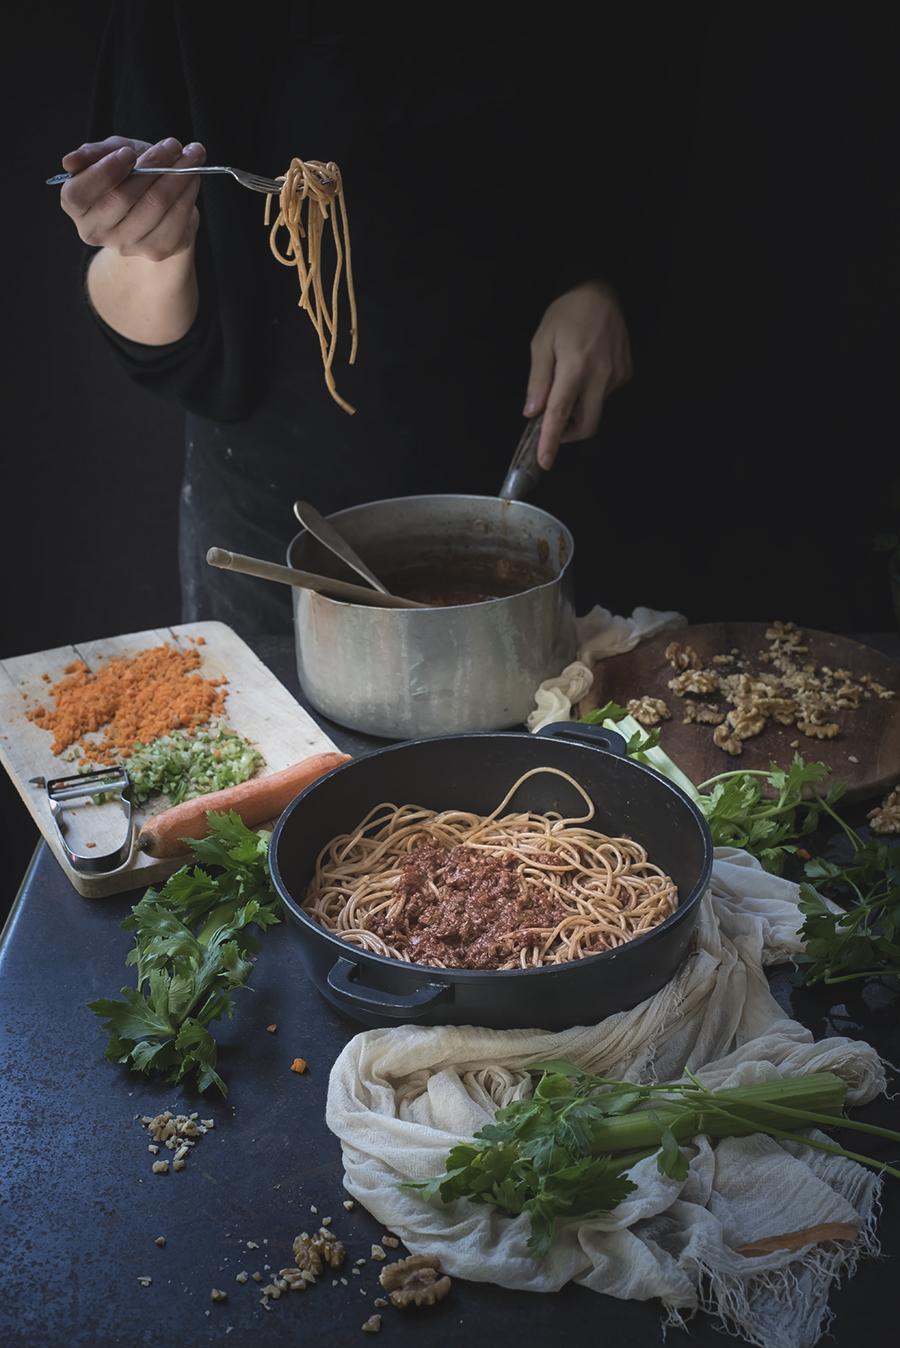 spaghetti con ragù vegan alle noci